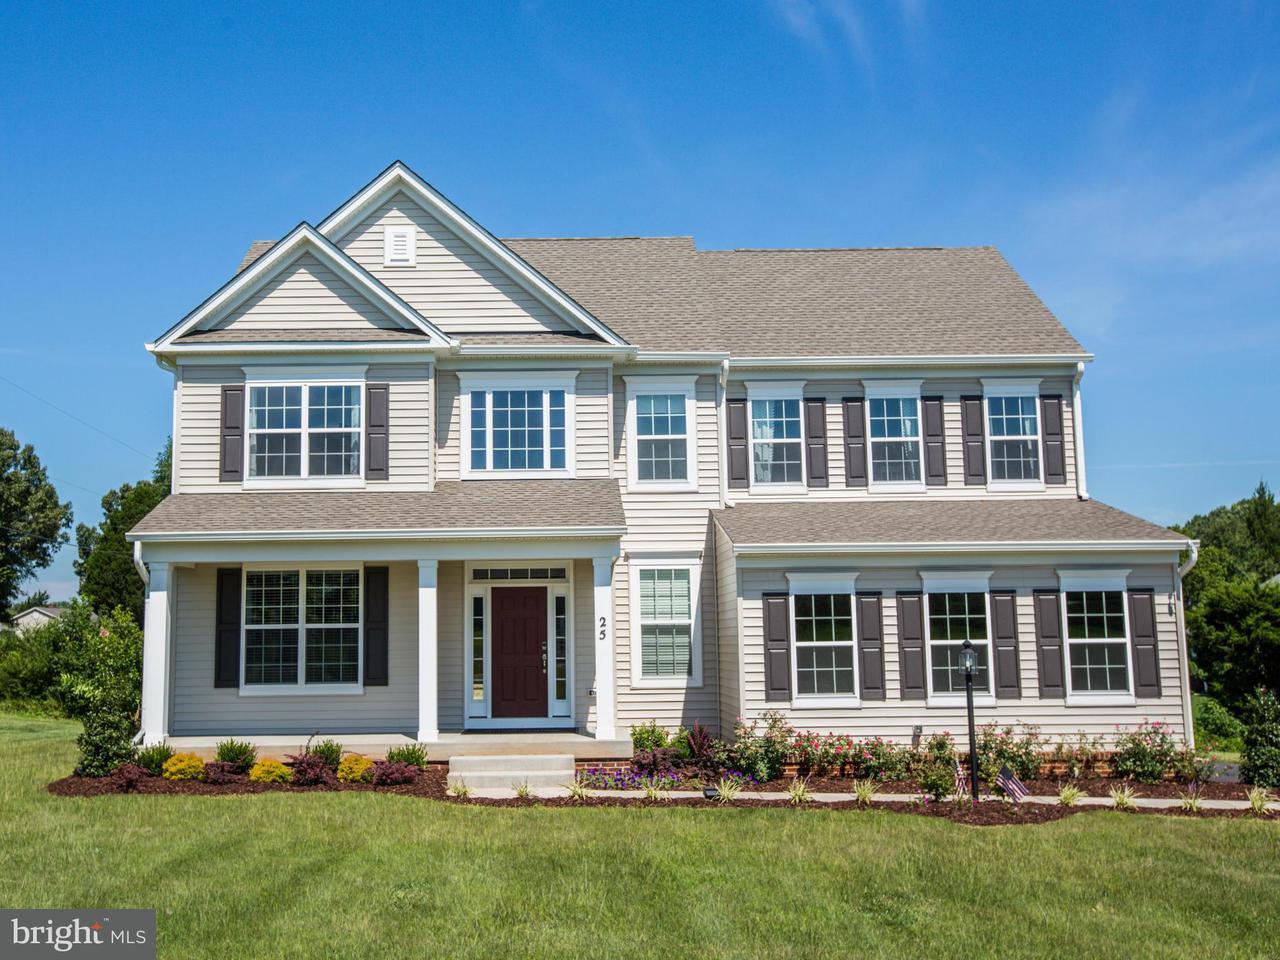 Частный односемейный дом для того Продажа на CRANES BLUFF Court CRANES BLUFF Court Fredericksburg, Виргиния 22405 Соединенные Штаты